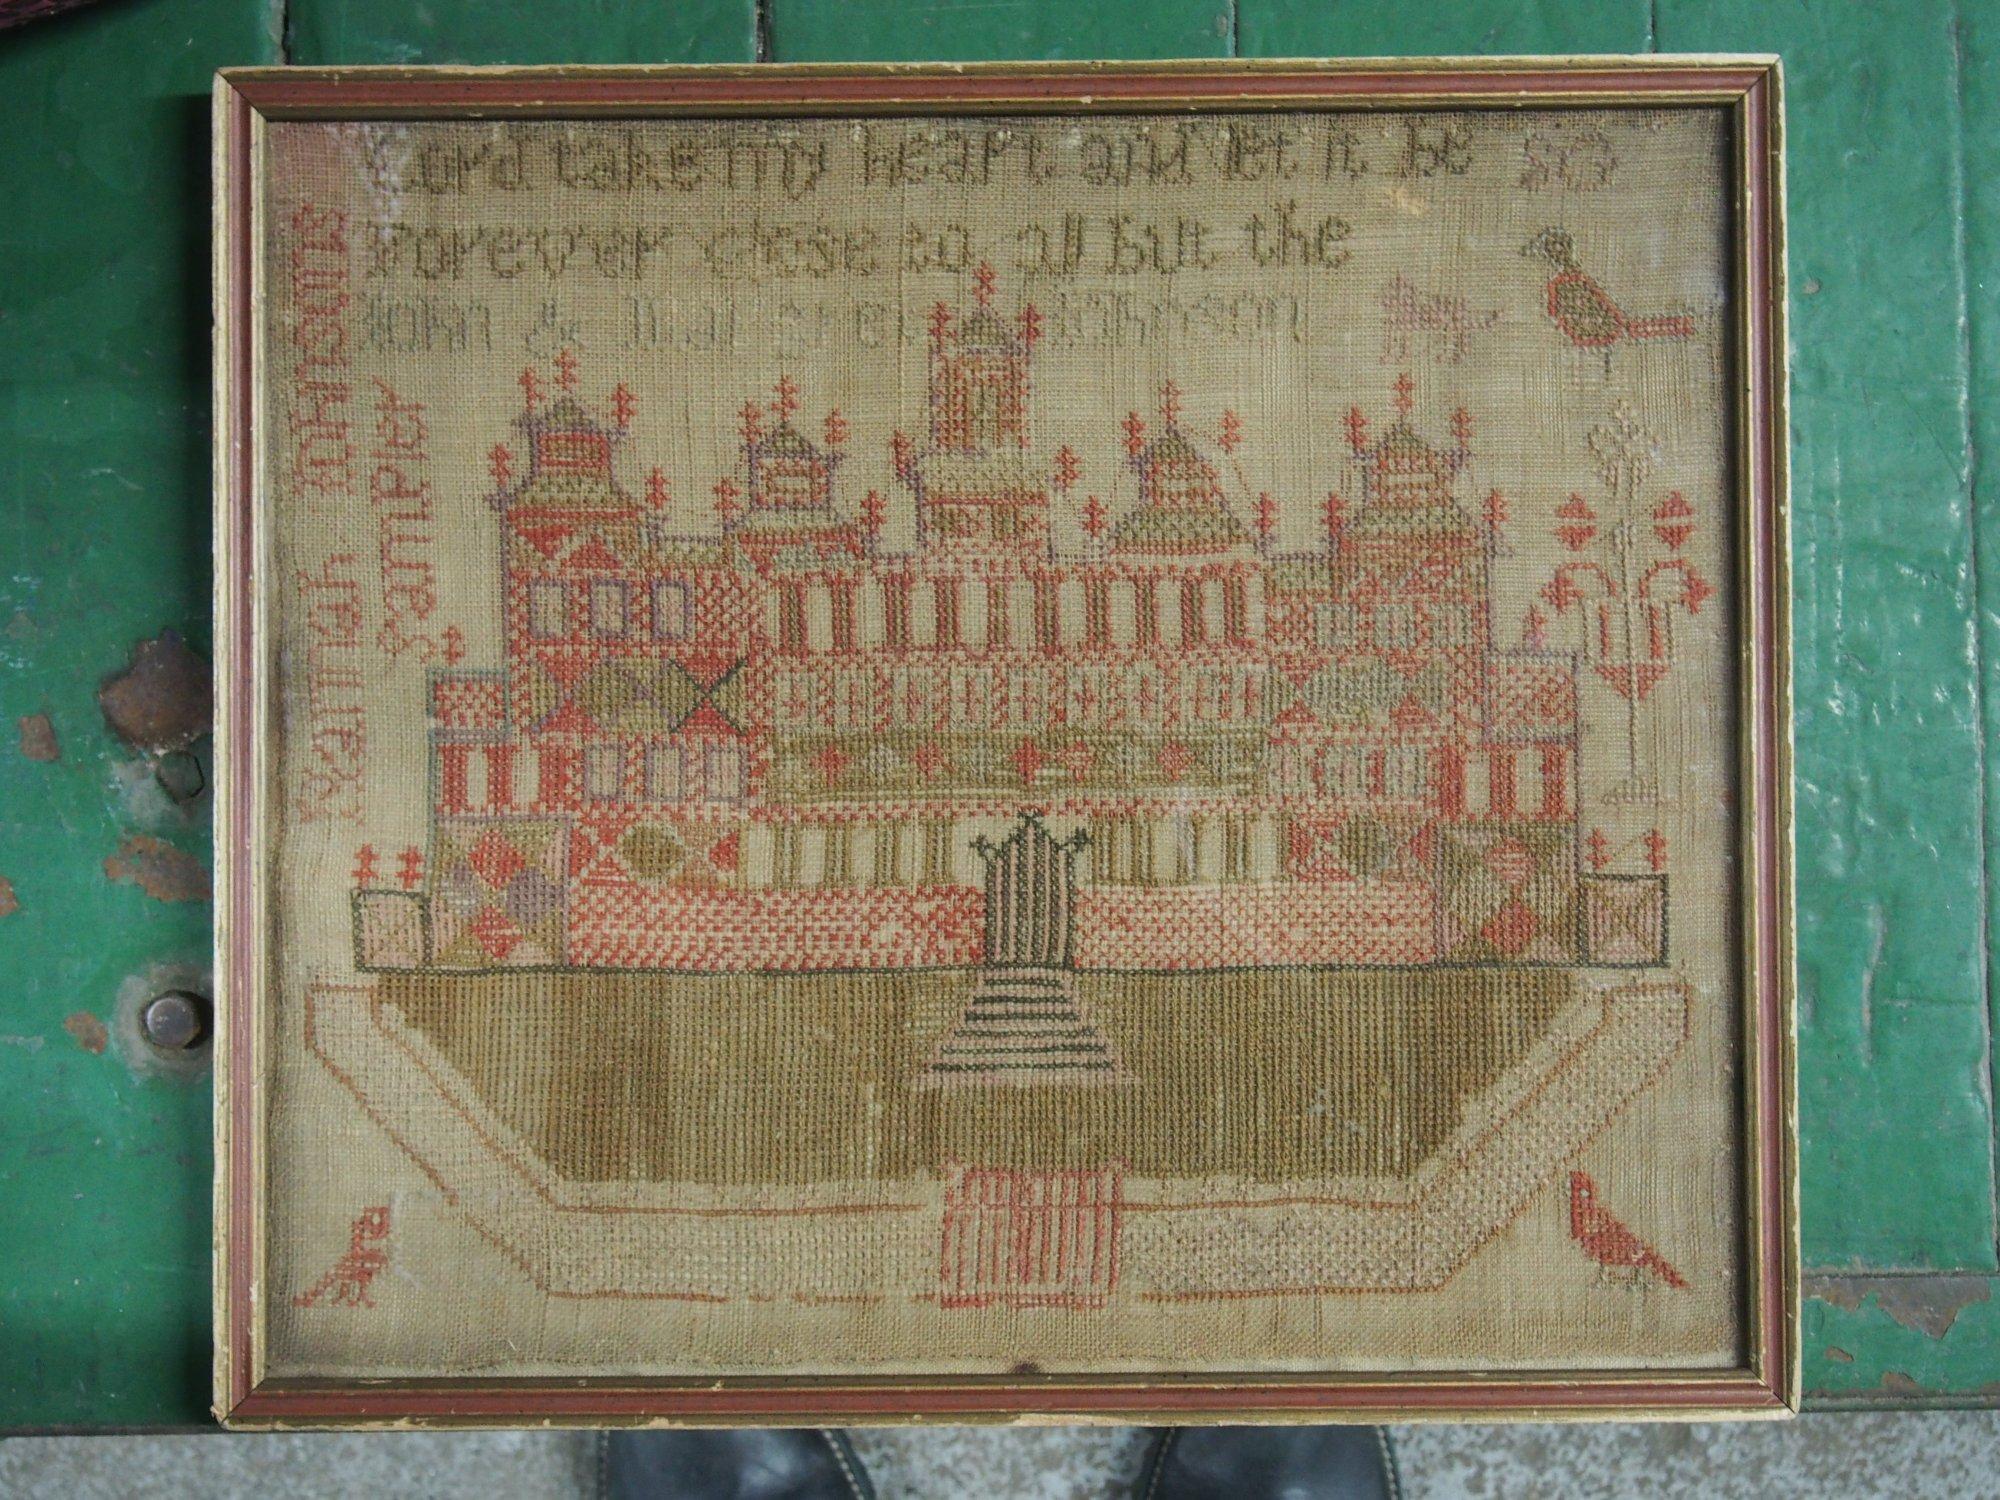 SOLOMON'S TEMPLE HANNAH JOHNSON'S SAMPLER